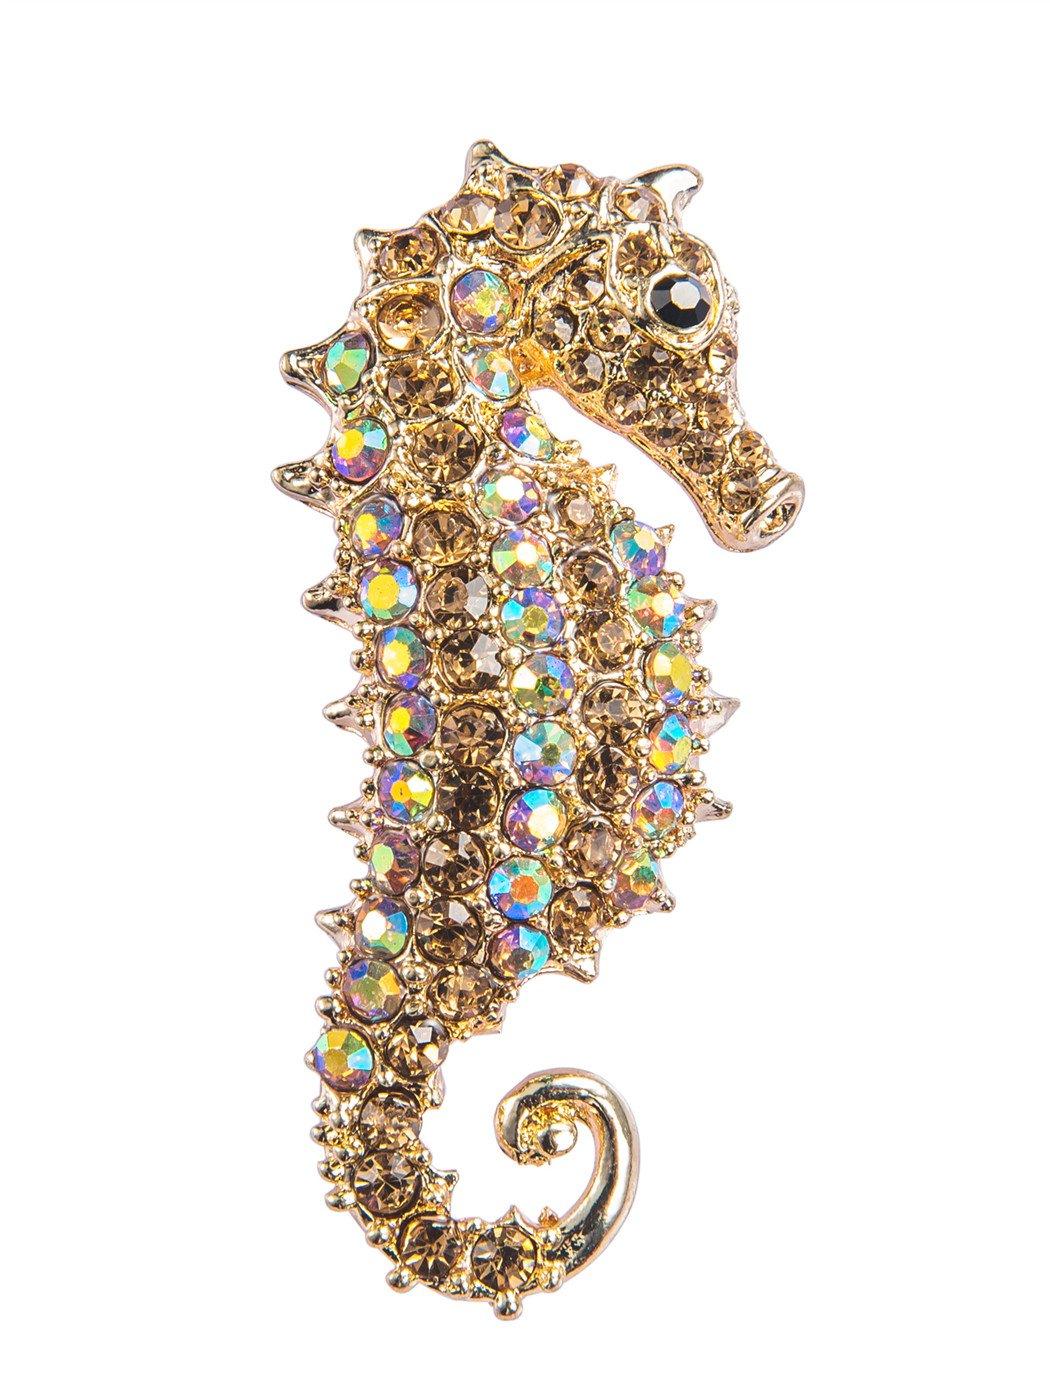 Alilang Aurora Borealis Crystal Rhinestone Seahorse Fish Convertible to Pendant Animal Brooch Pin, Yellow